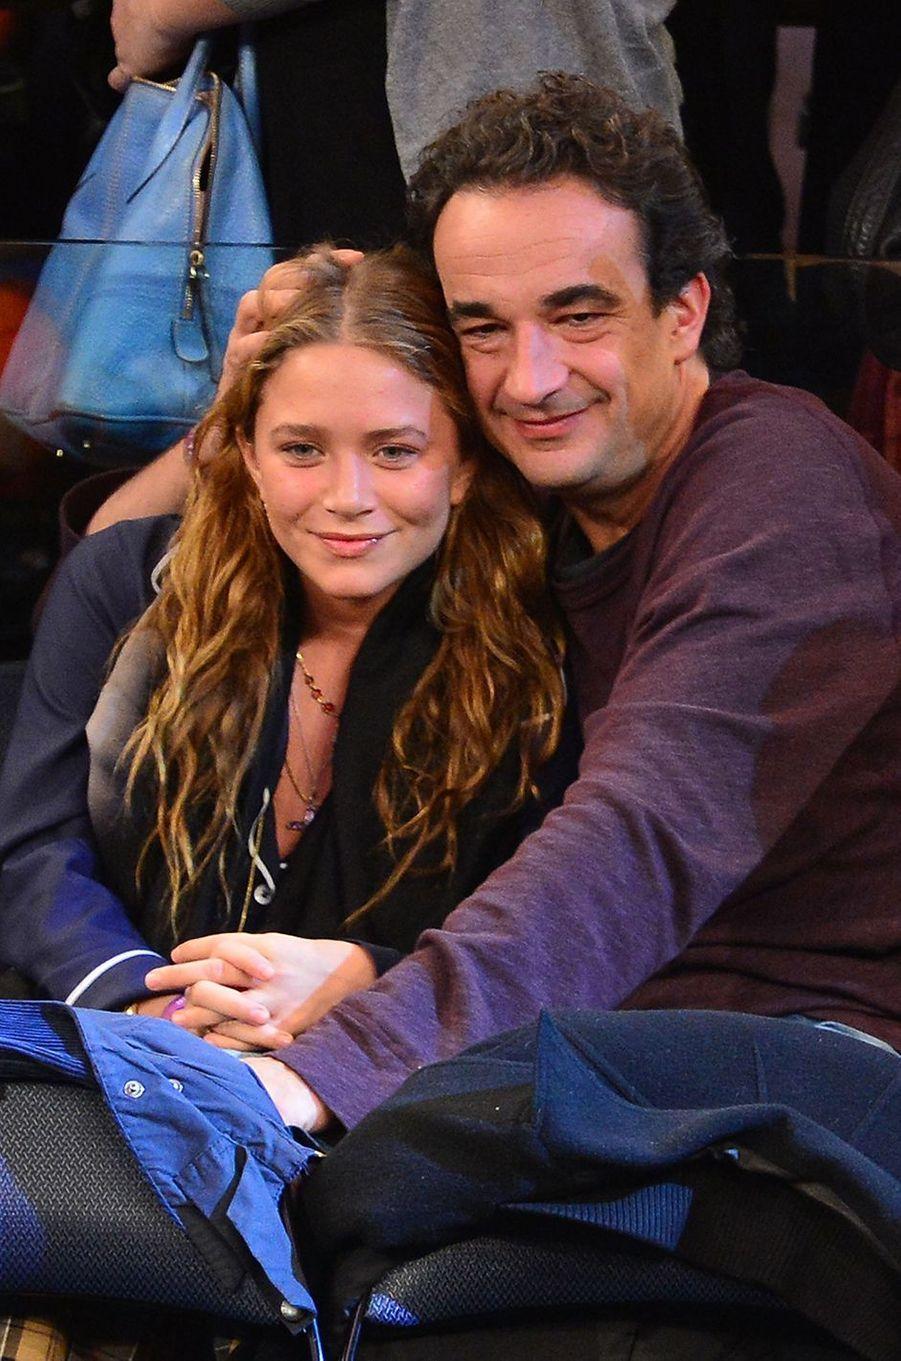 Mary-Kate Olsen et Olivier Sarkozy lors d'un match des Knicks au Madison Square Garden à New York en novembre 2012